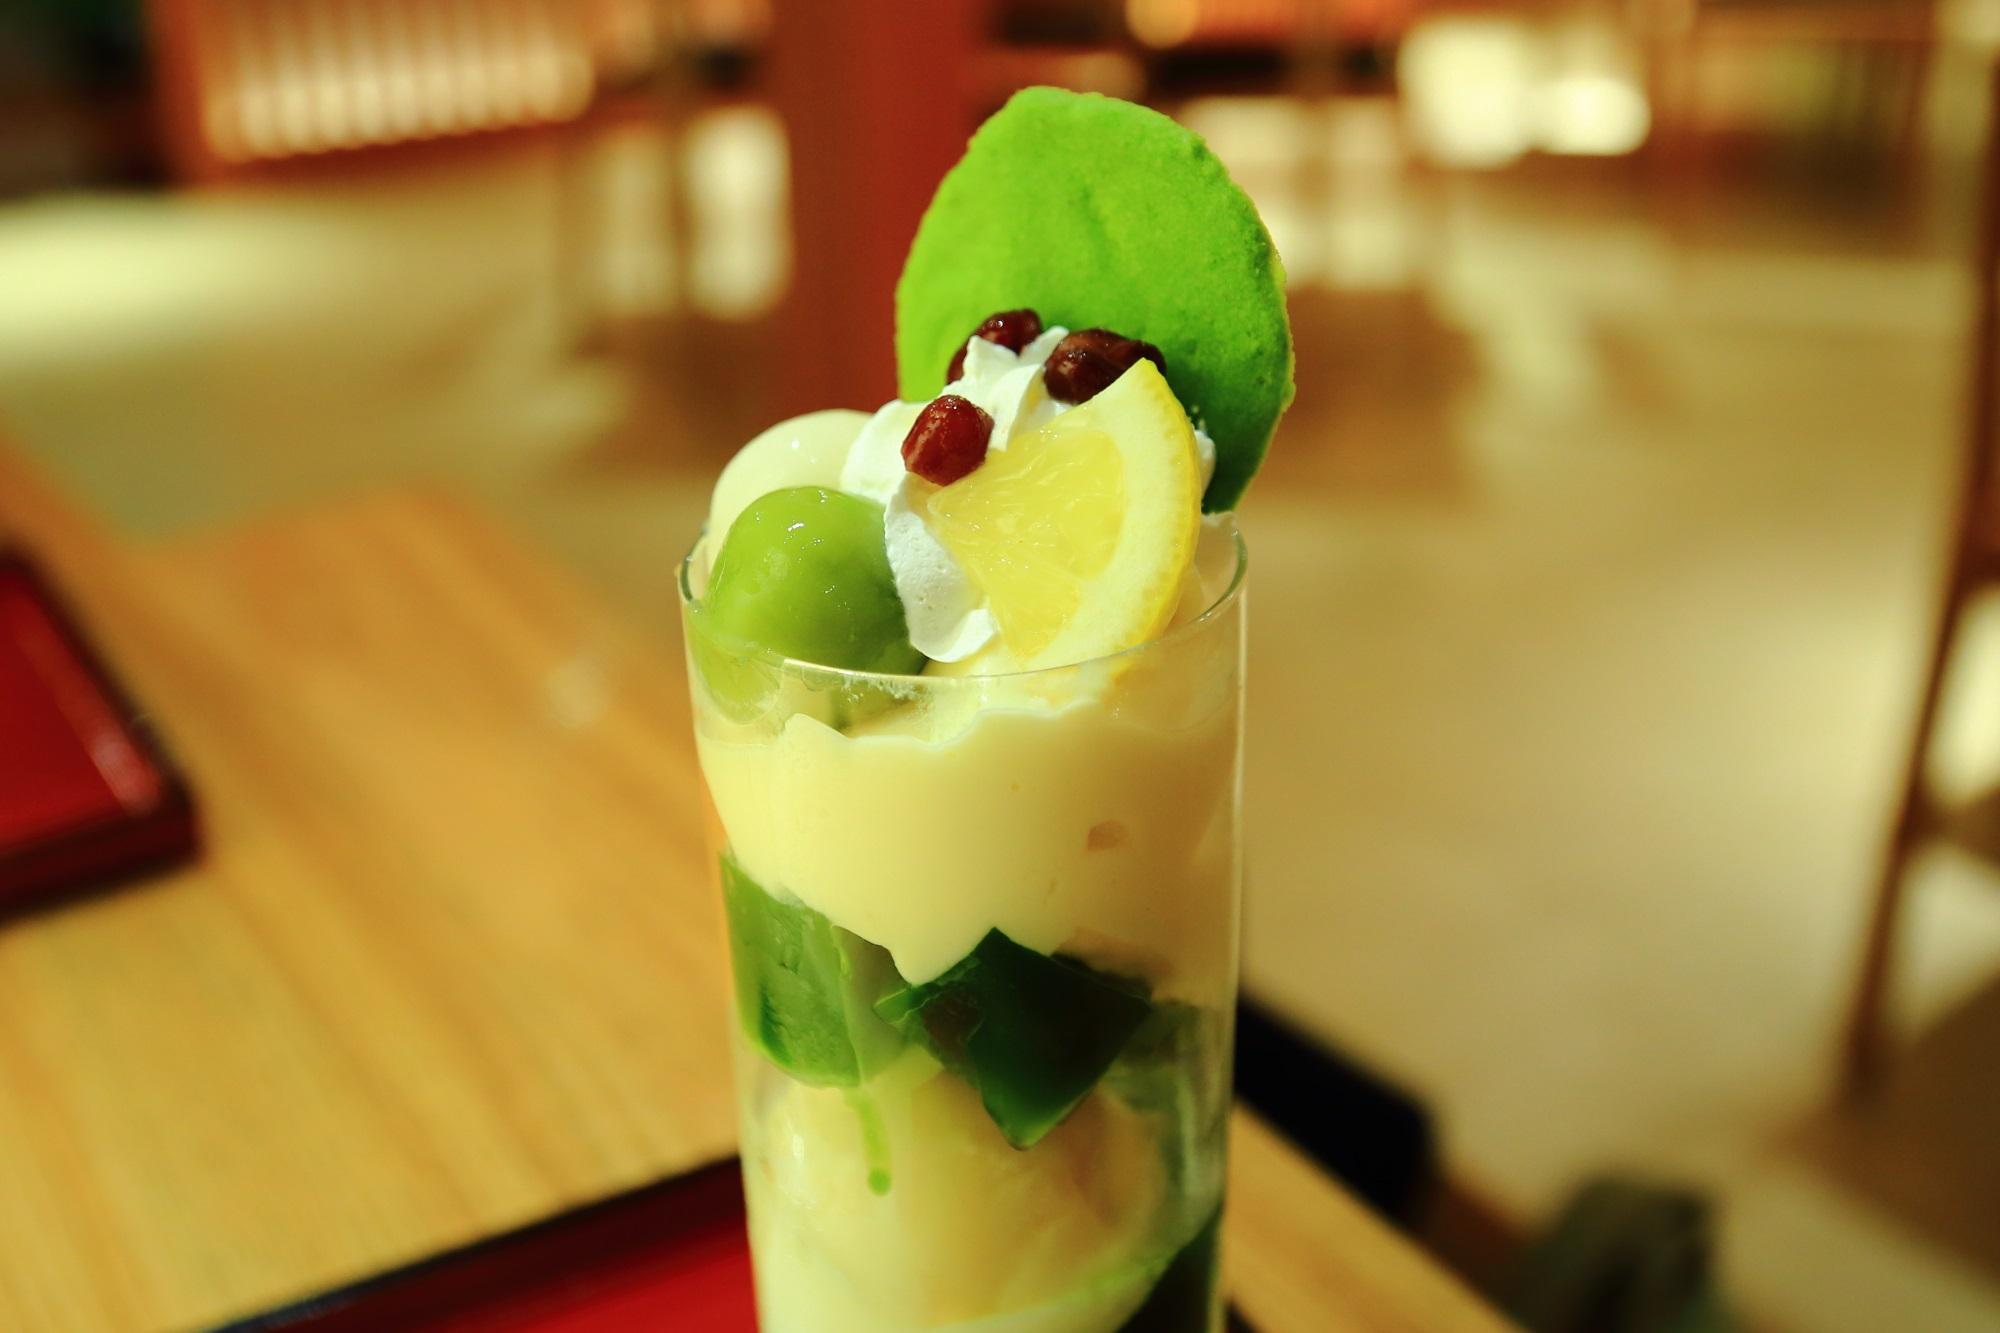 抹茶クッキーはじめ上にはいろんな甘味が乗った祇園小石のパフェ